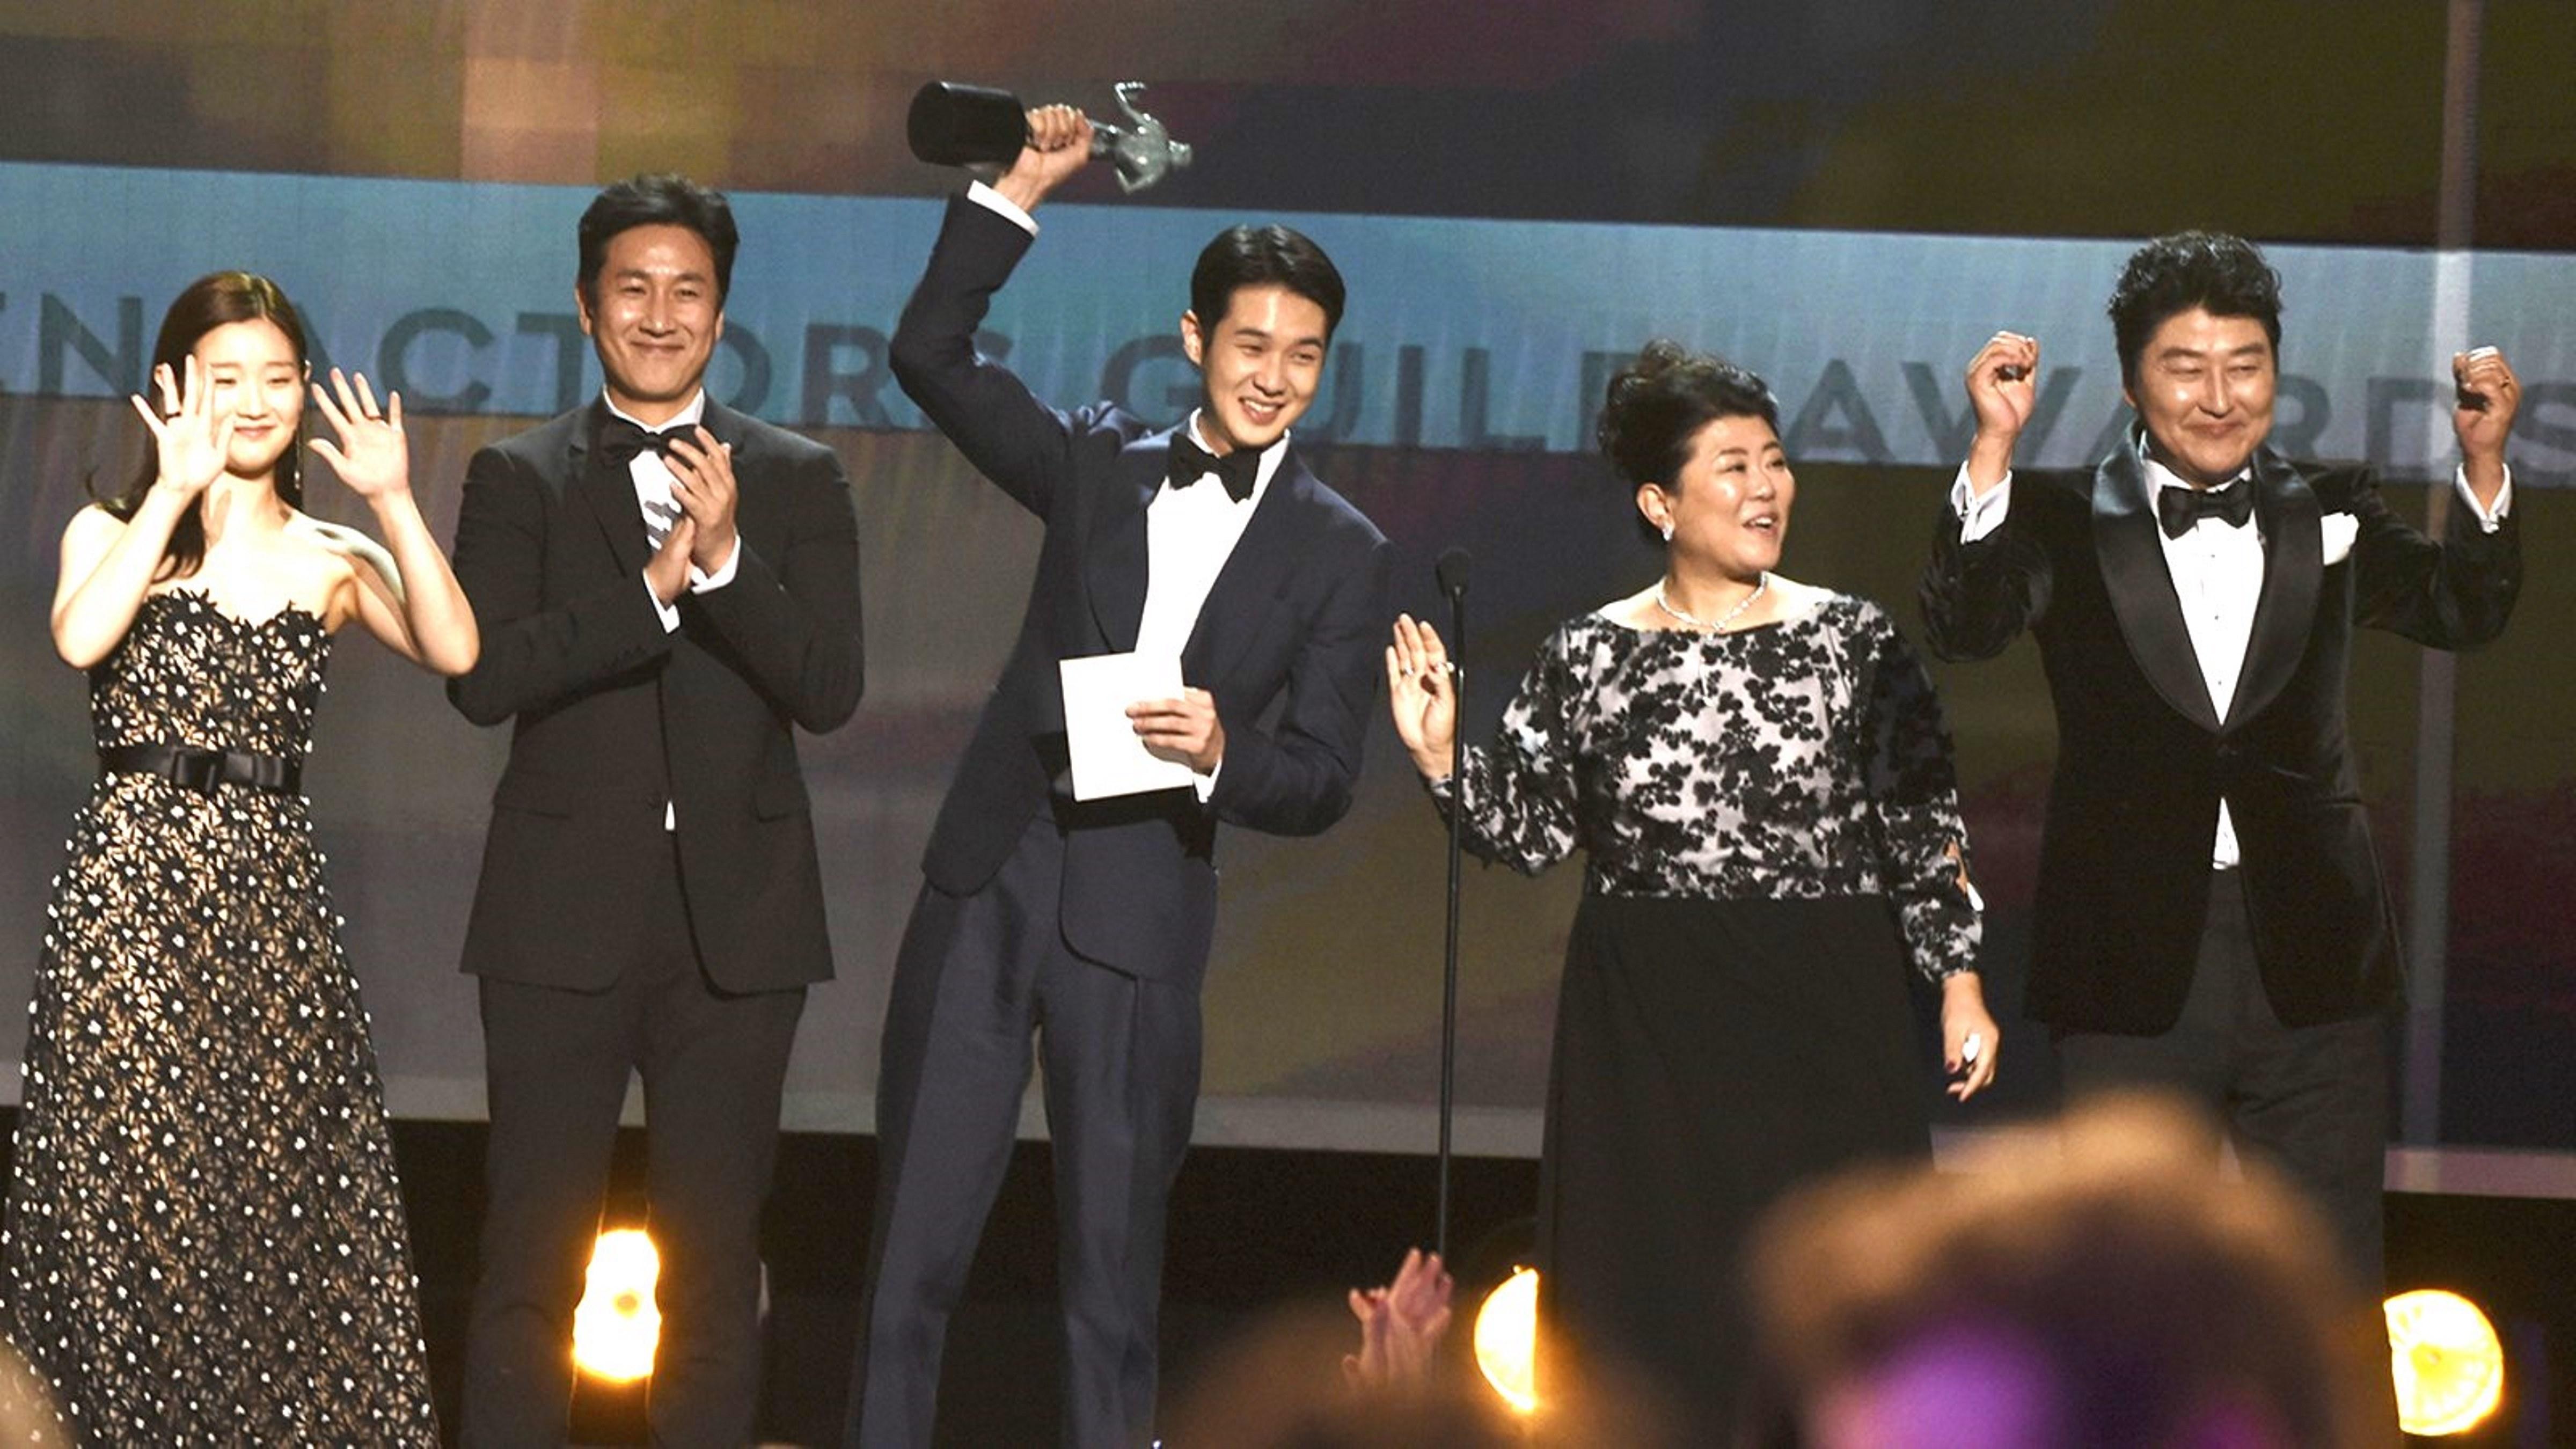 《寄生上流》再破紀錄 榮獲美國演員工會最佳整體演出大獎